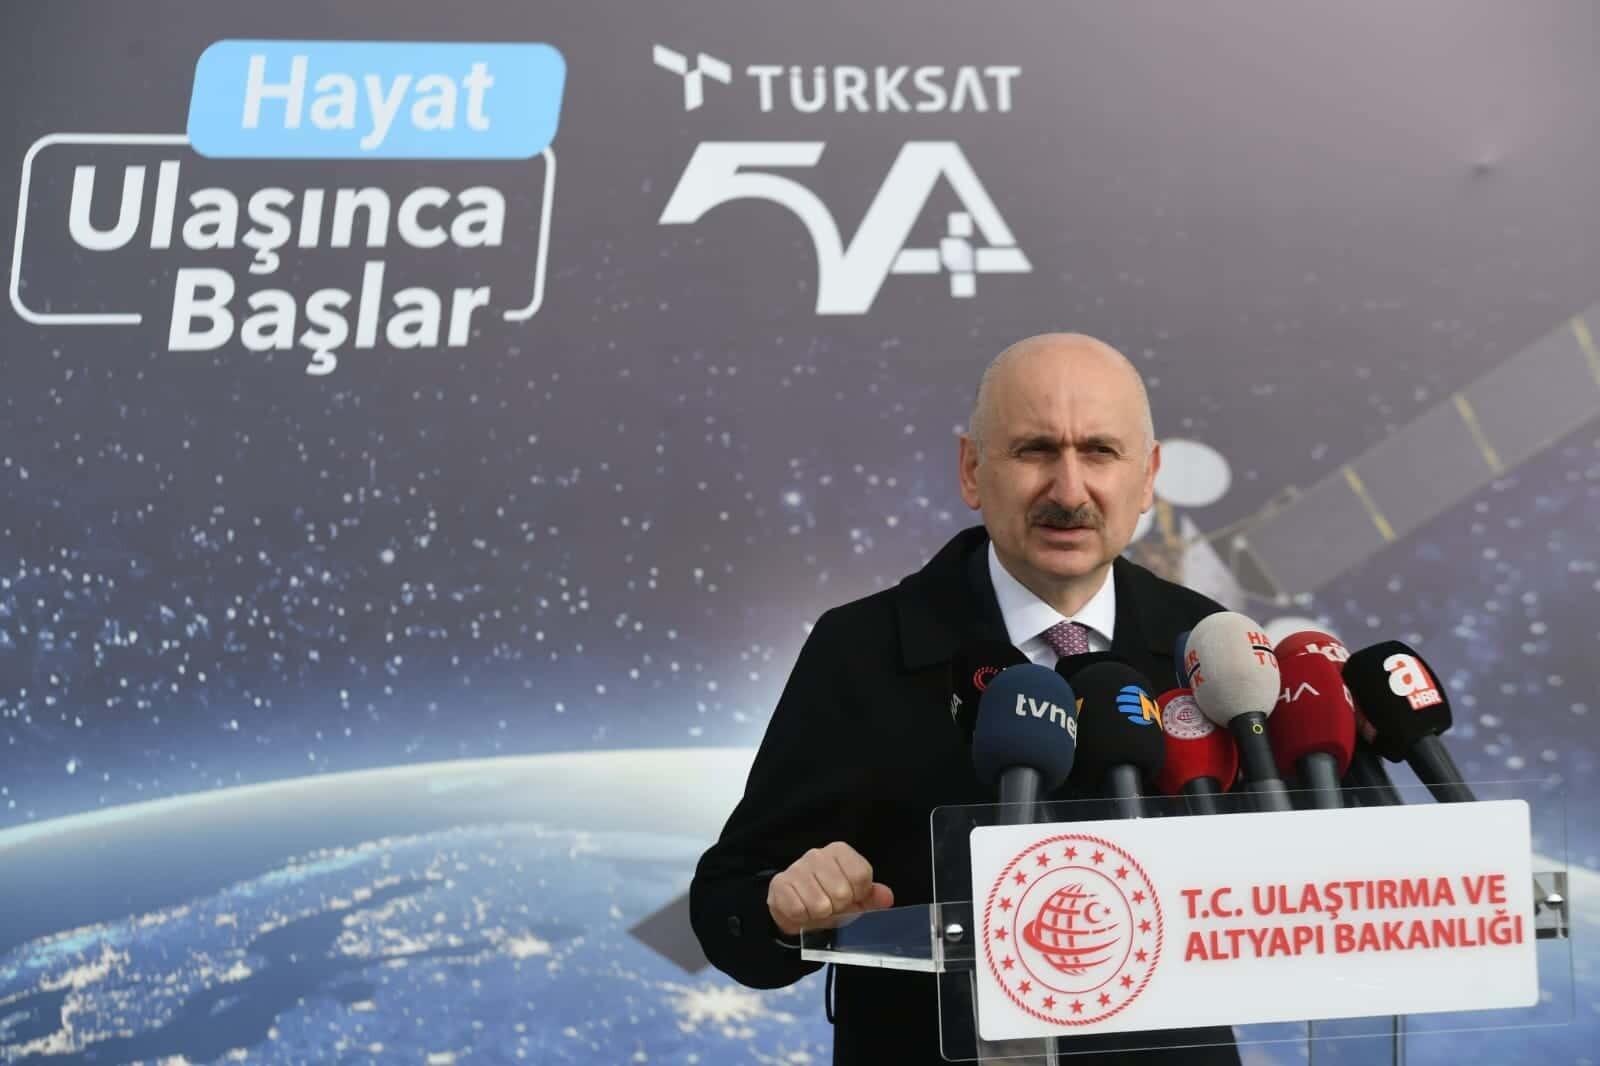 Türksat 5a yolculuğunun 4'te 3'ünü tamamladı